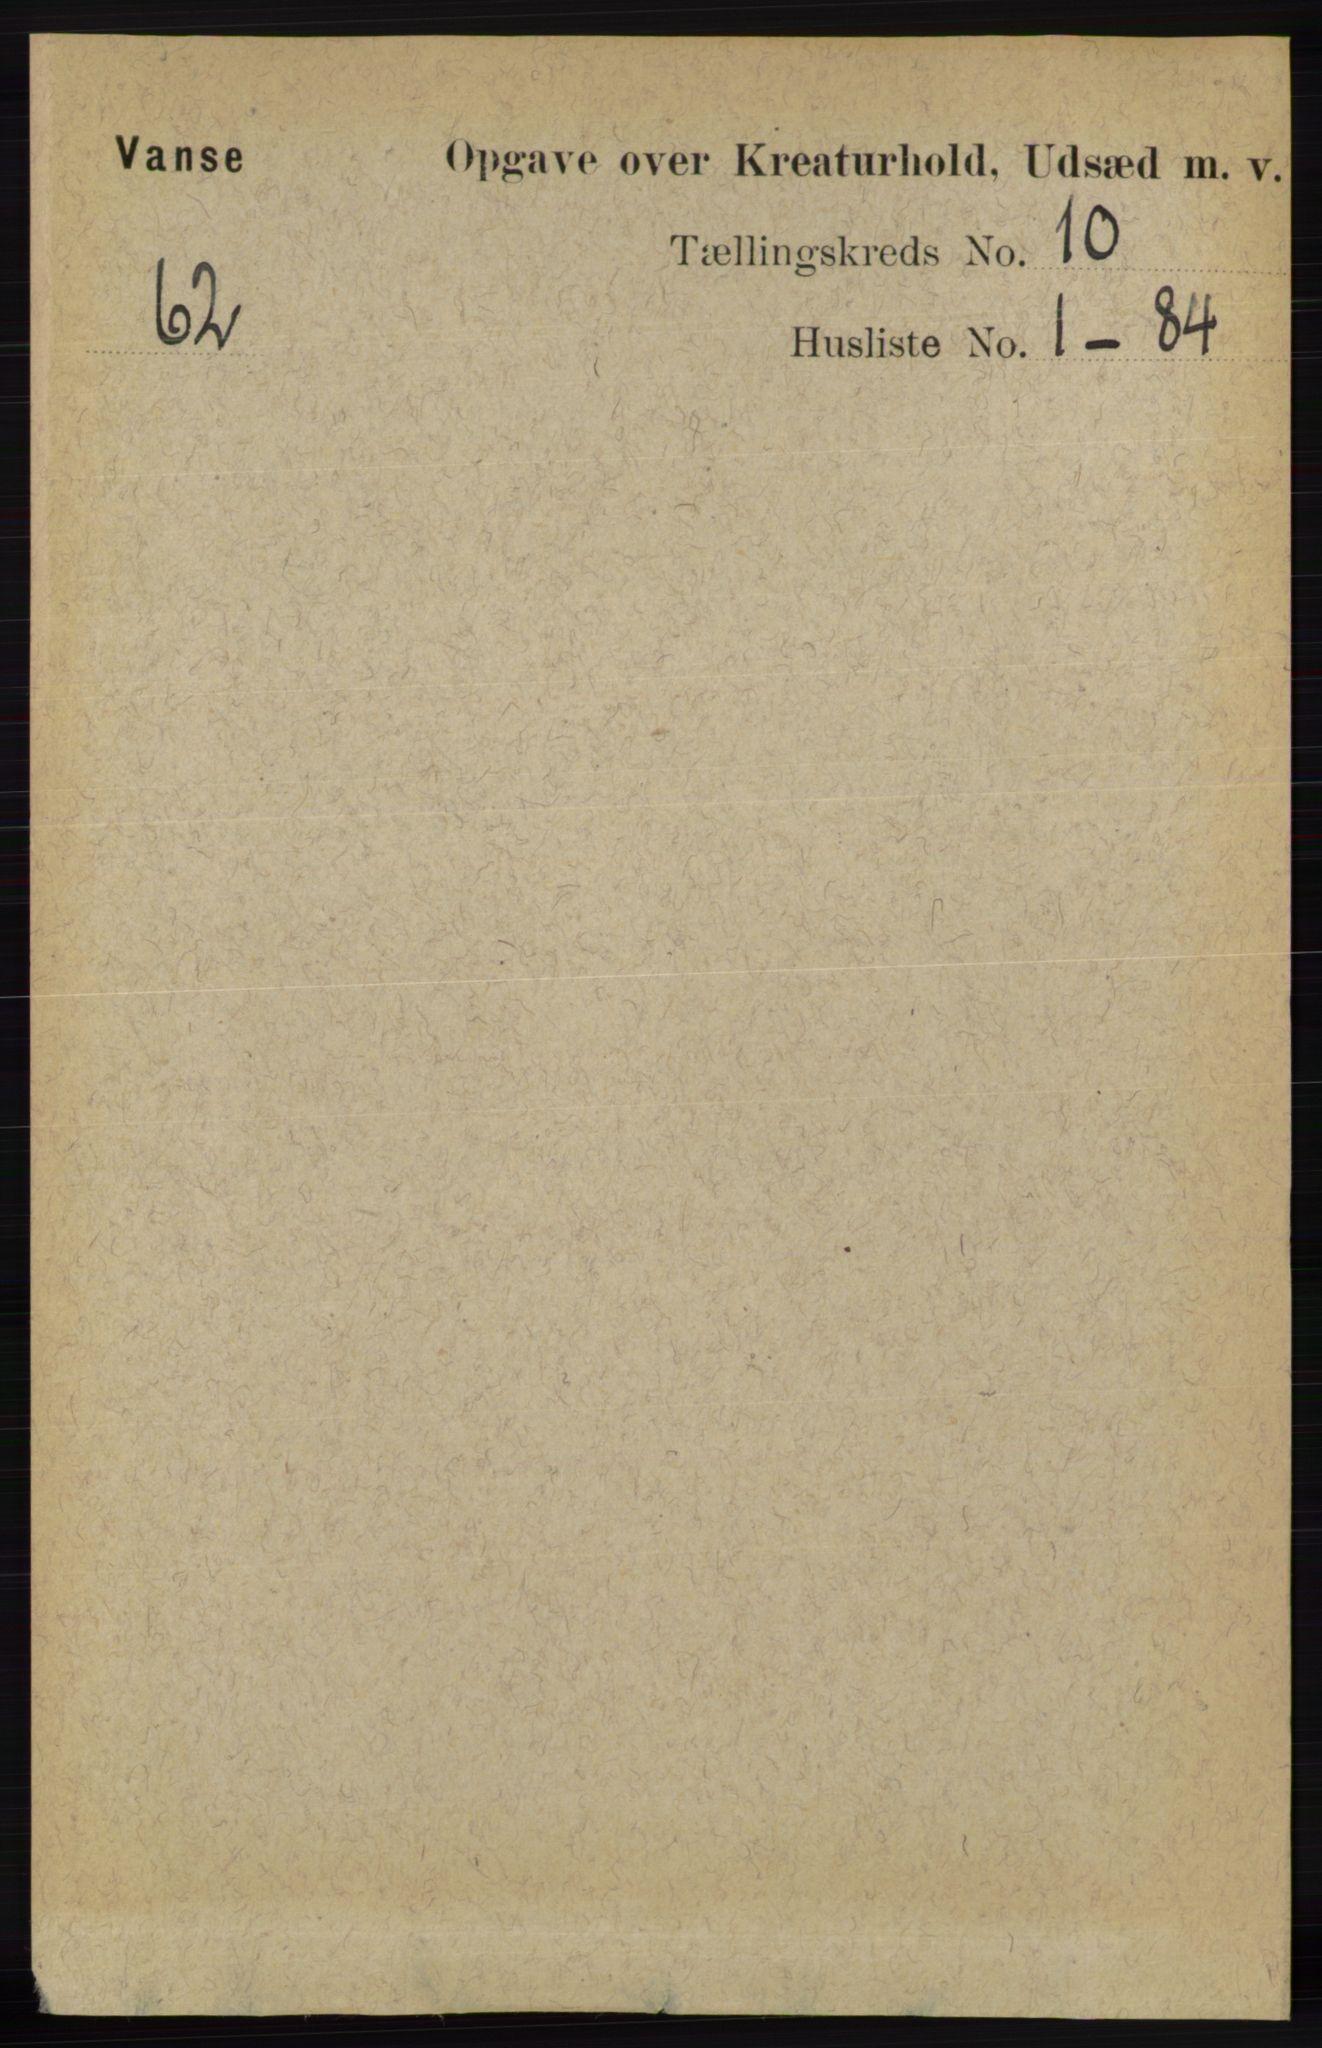 RA, Folketelling 1891 for 1041 Vanse herred, 1891, s. 9695